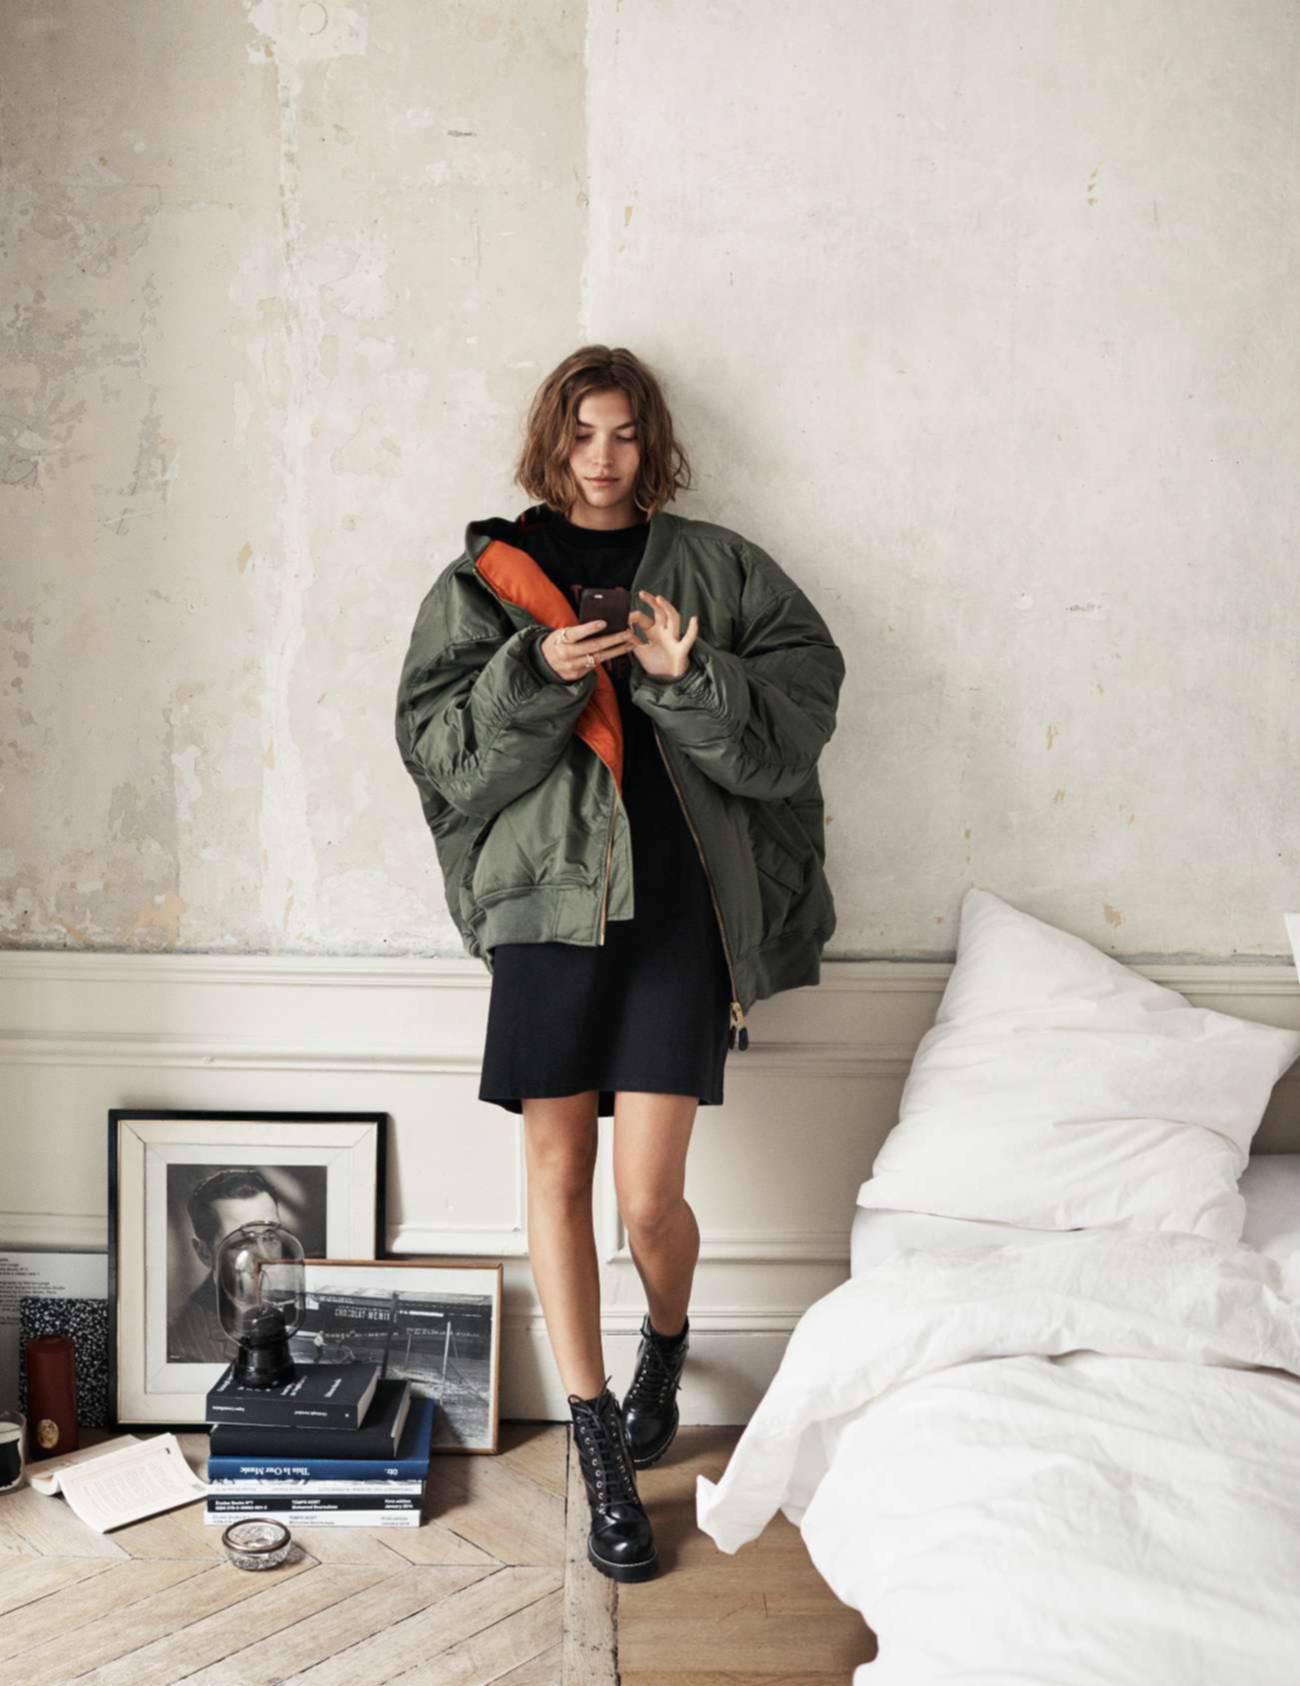 """куртка оверсайз, туника из хлопка, Vetements; кольца """"Neo Lover"""" из  серебра и киновари, Charlotte Chesnais; ботинки на шнуровке, Louis Vuitton"""